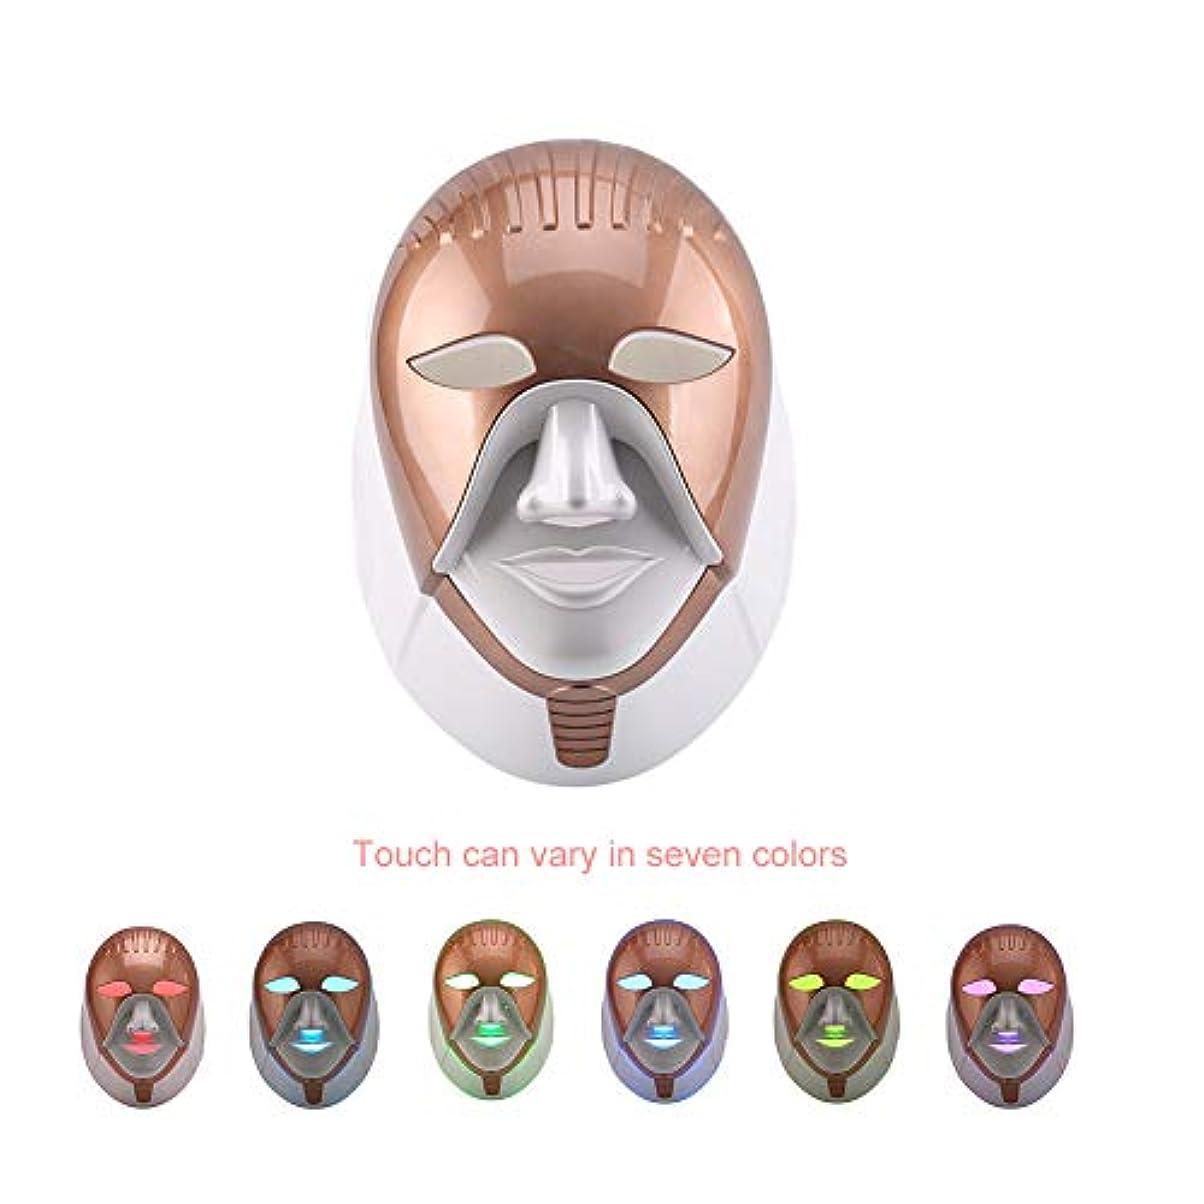 大破簡単な年金受給者7色led光子フェイスマスク、にきび除去しわ治療、インテリジェントタッチコントロール光子療法、美容機器にきび肌の若返り